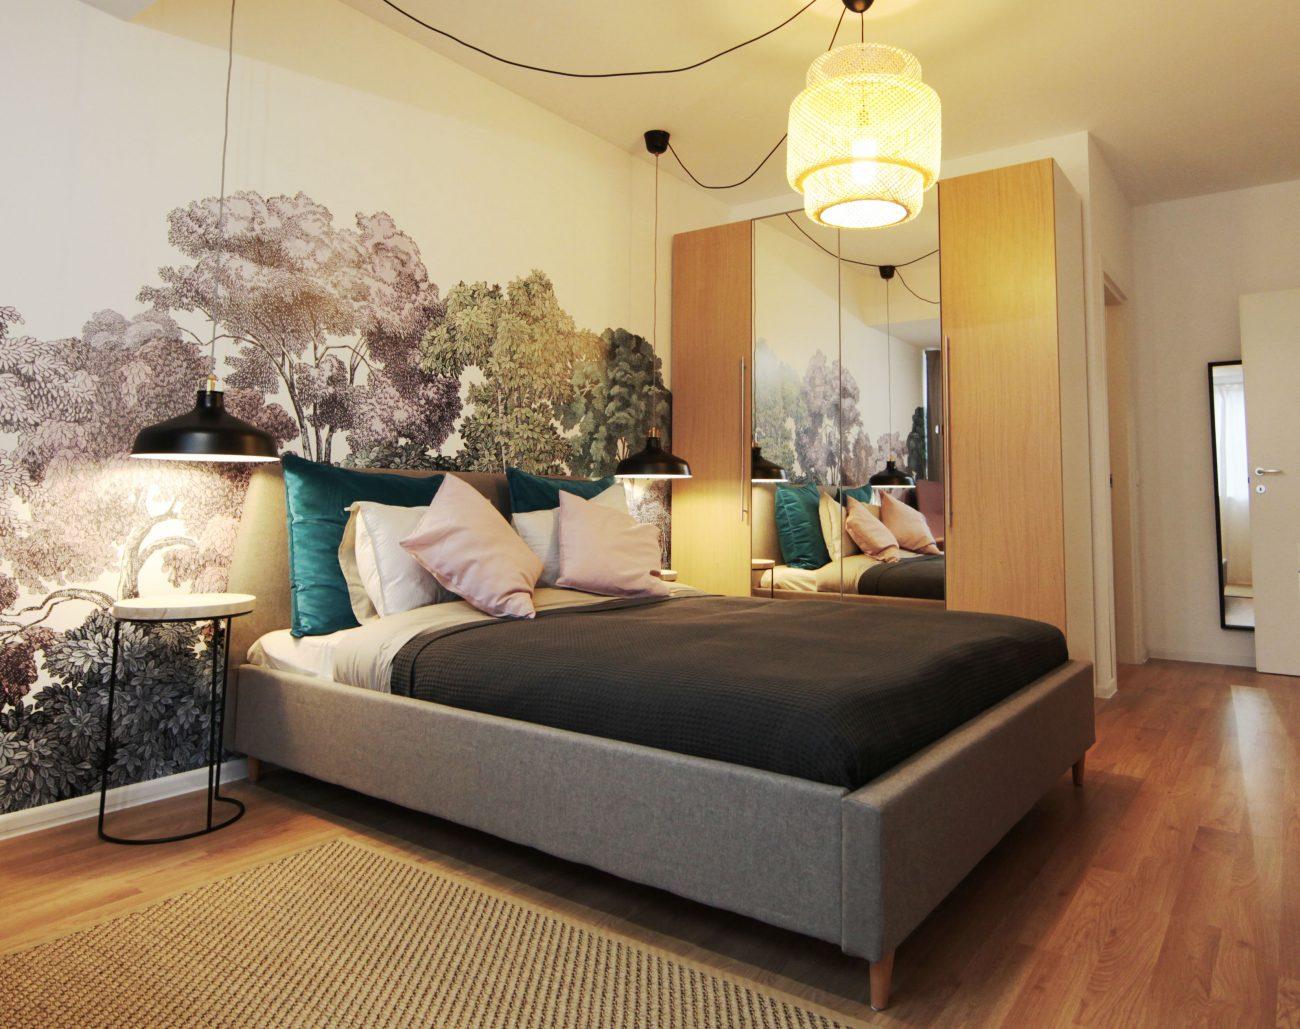 Dormitor cu tapet floral